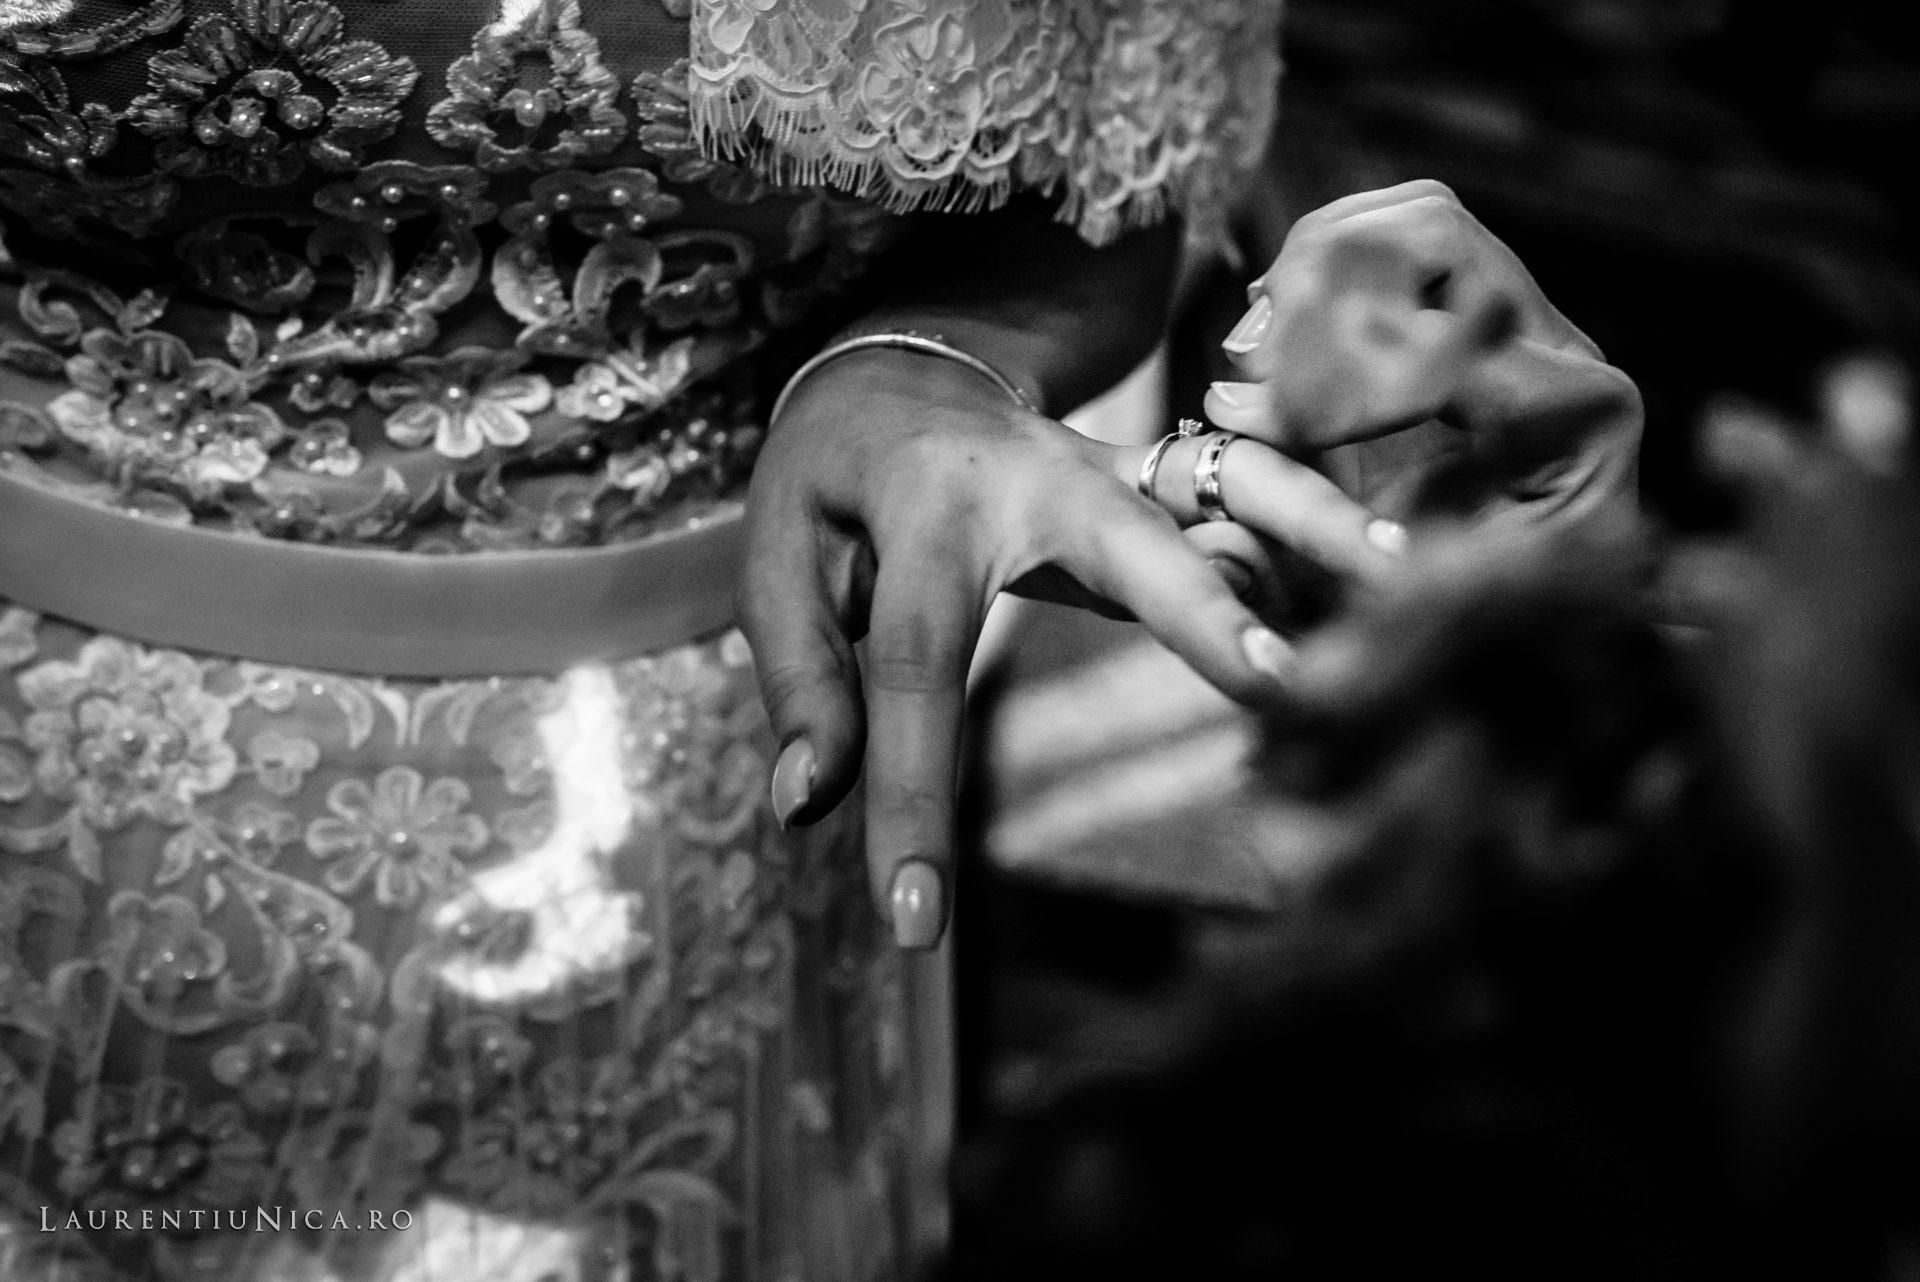 denisa si catalin fotograf nunta laurentiu nica craiova 45 - Denisa si Catalin | Fotografii nunta | Craiova